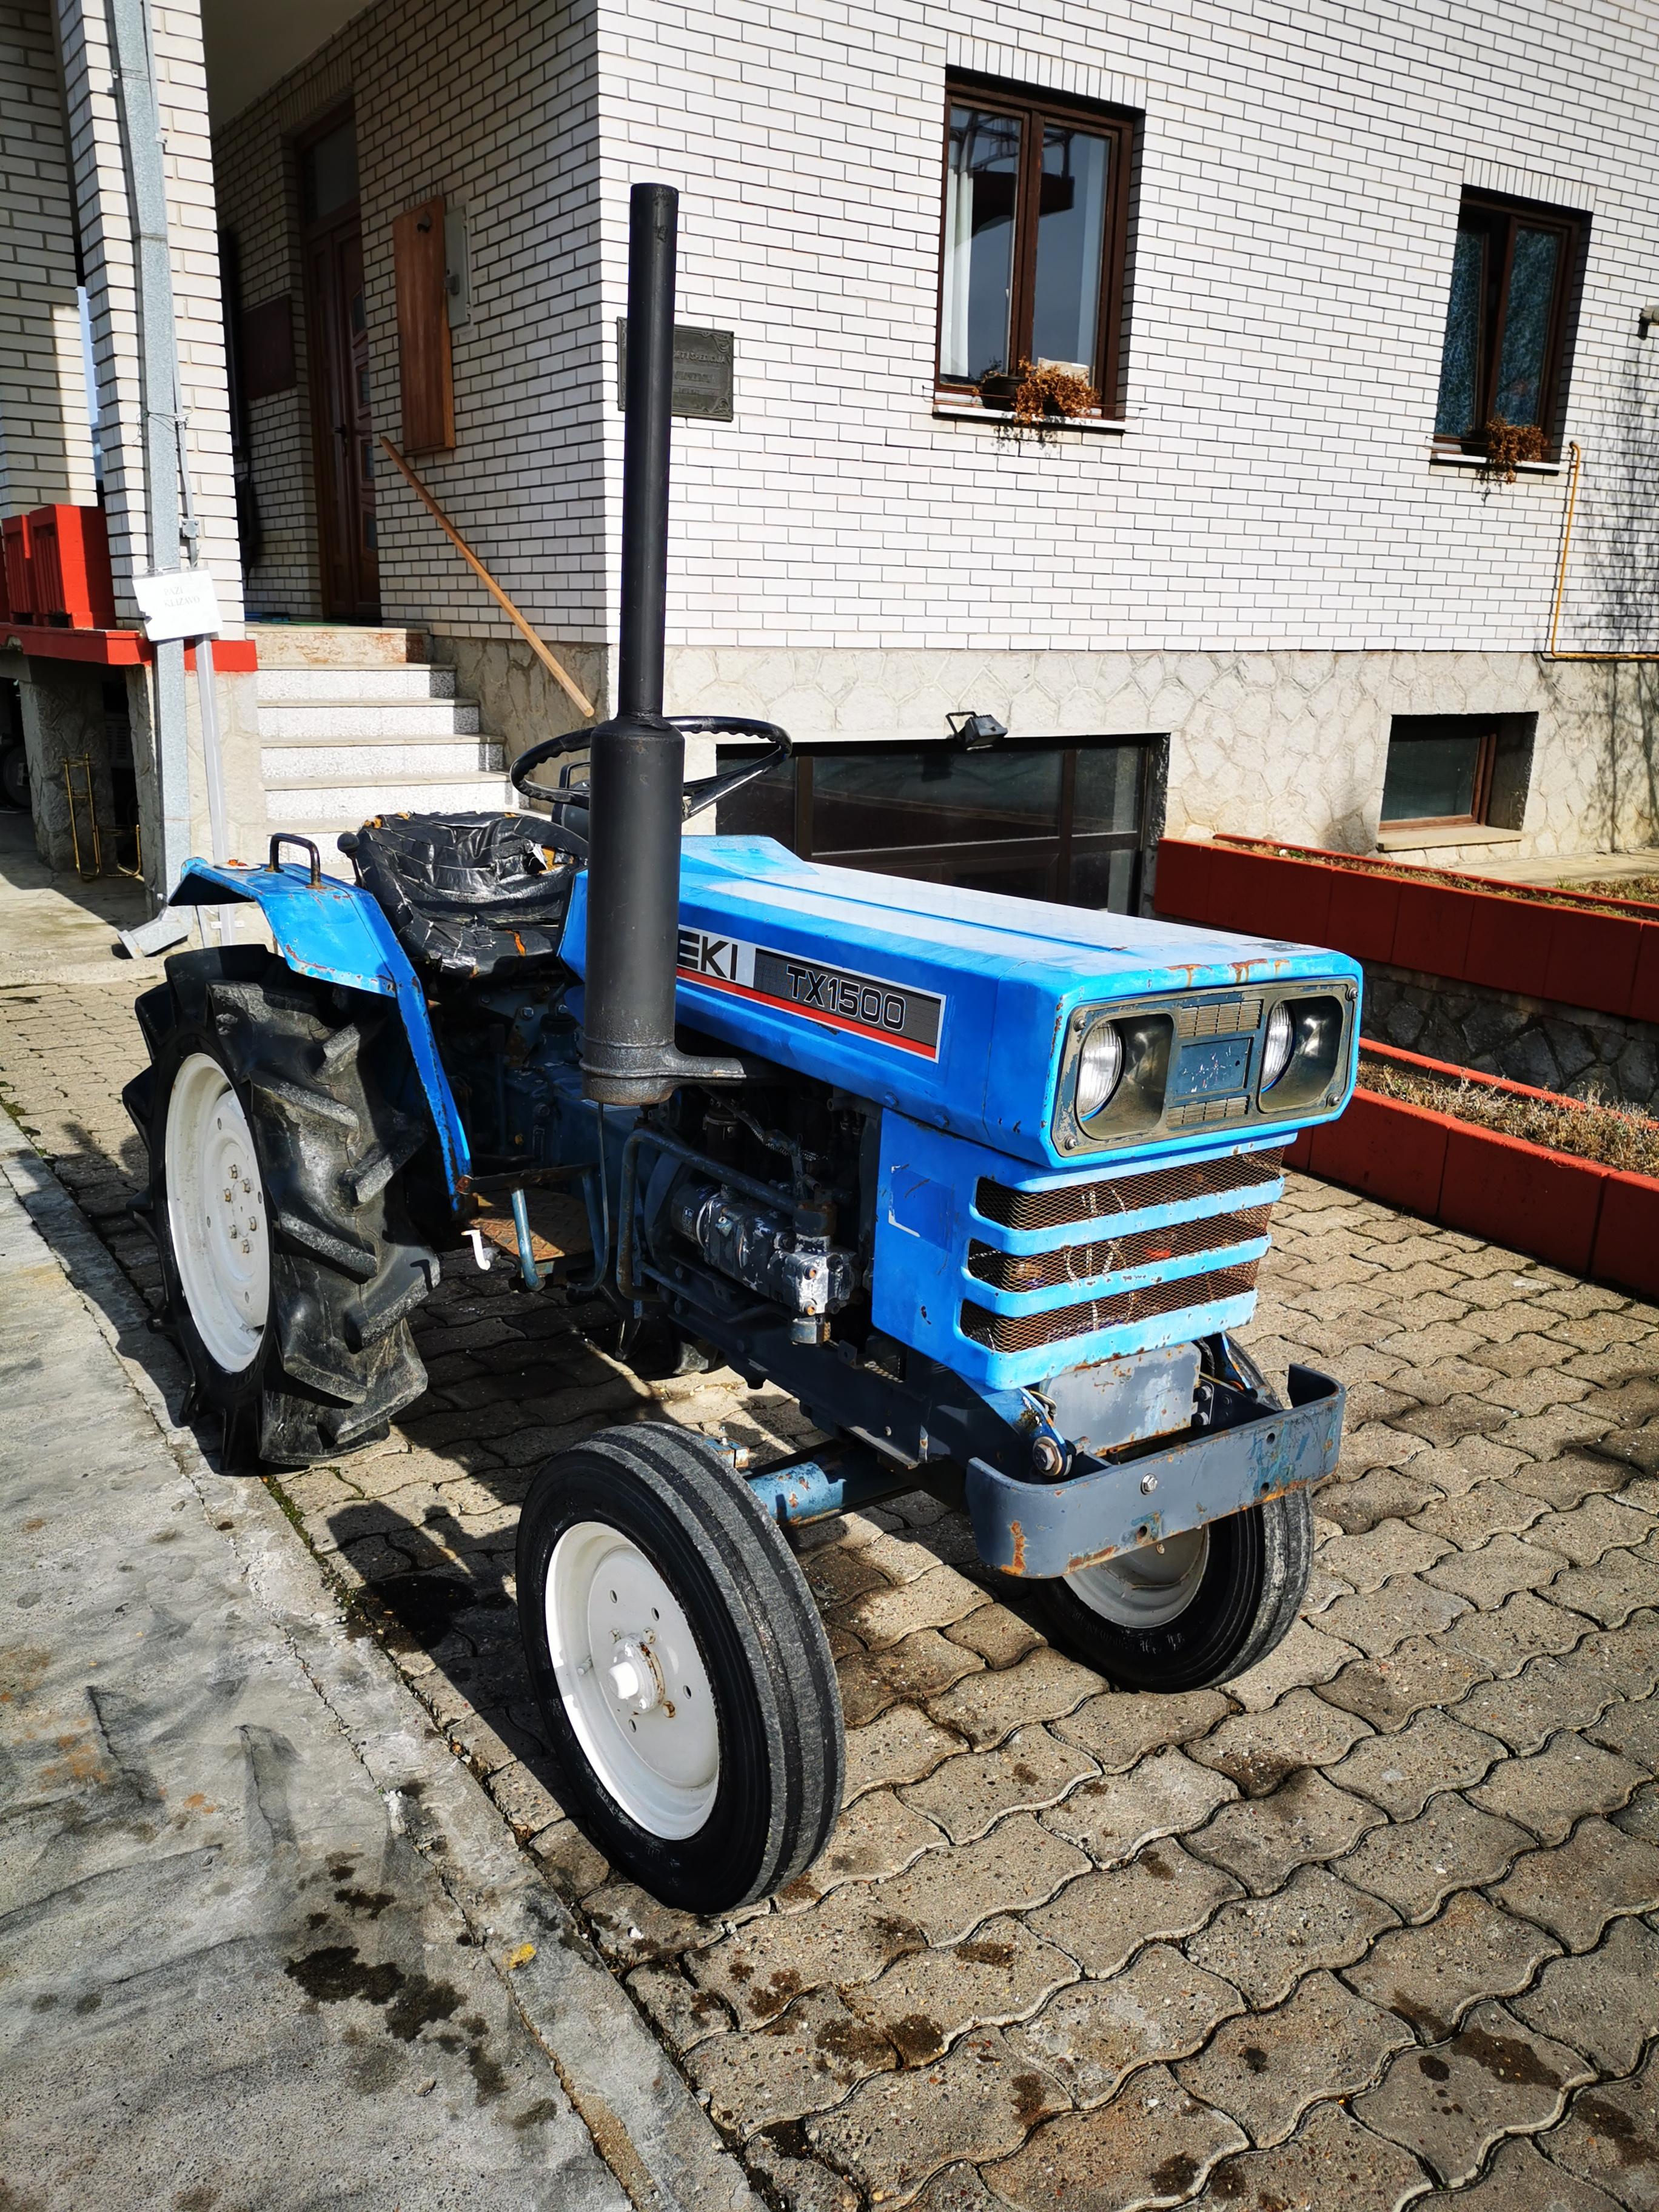 ISEKI TX1500